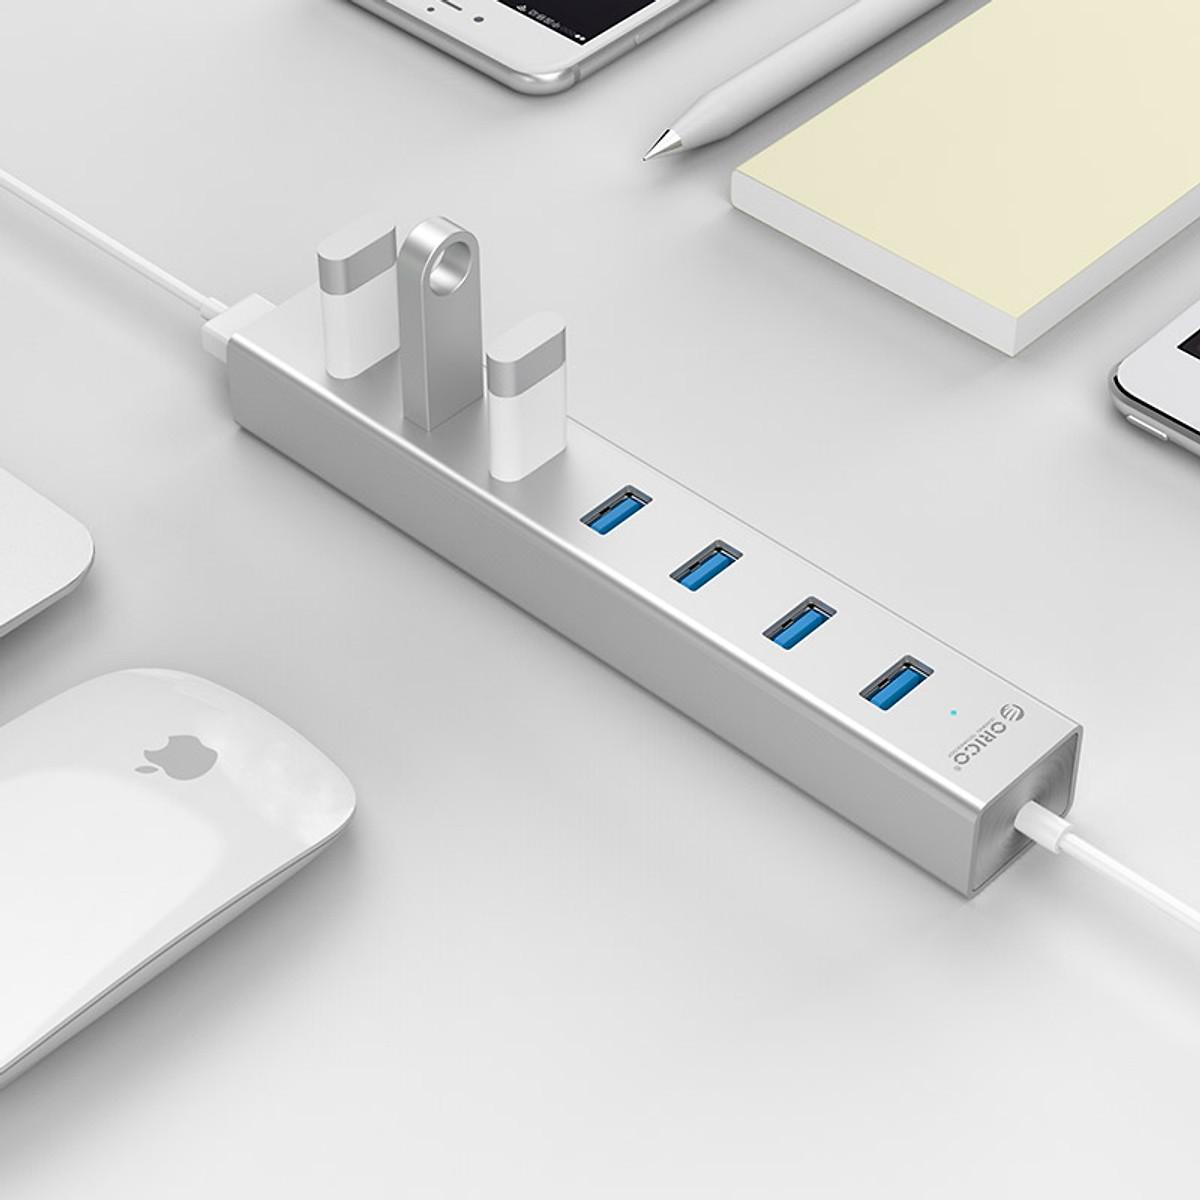 Bộ chia USB HUB 7 cổng USB 3.0 Type C Orico ASH7-U3 - Hàng Chính Hãng